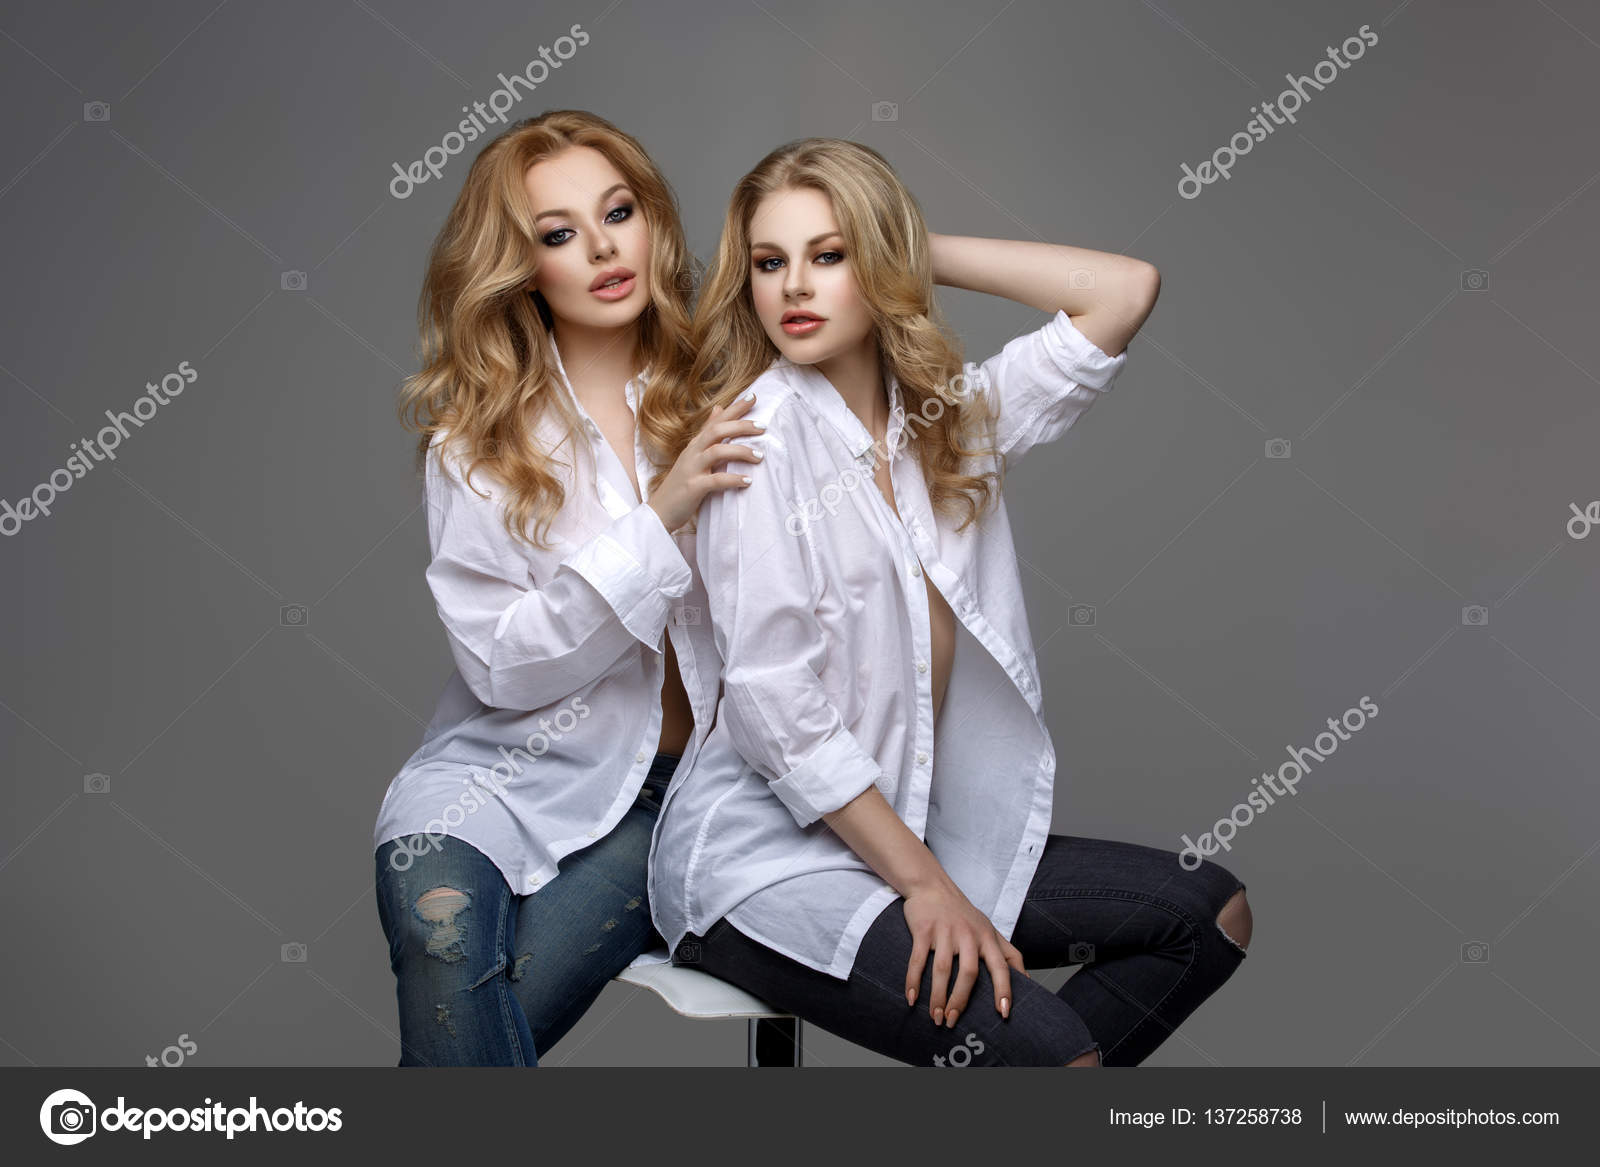 dos chicas guapas en camisas blancas y pantalones vaqueros u foto de stock